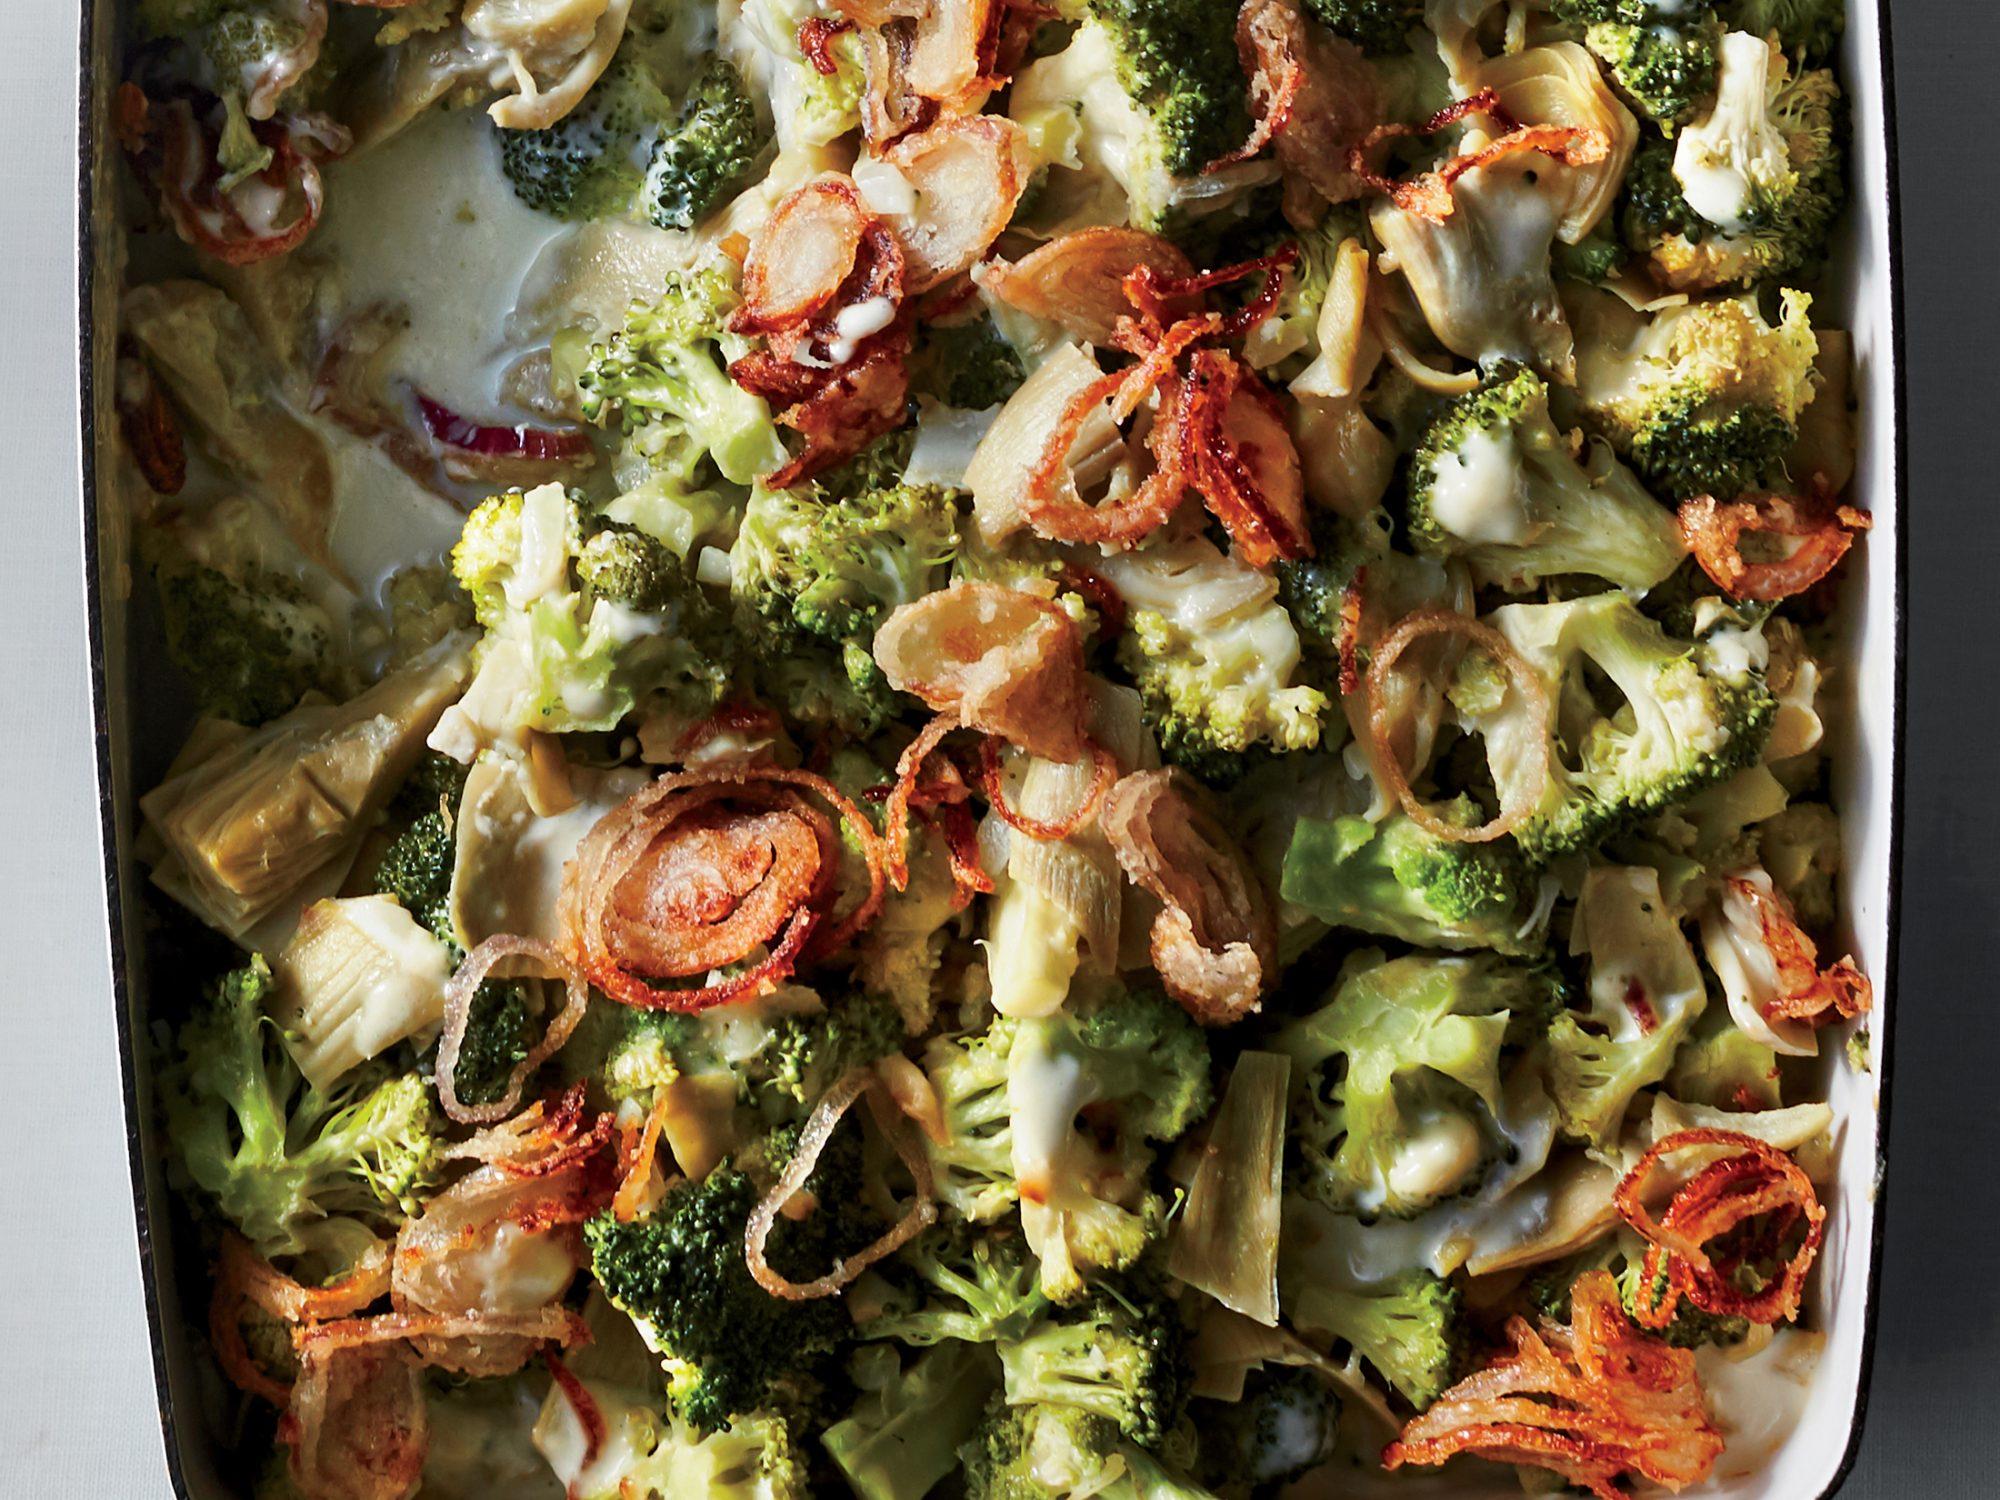 Broccoli-Artichoke Casserole